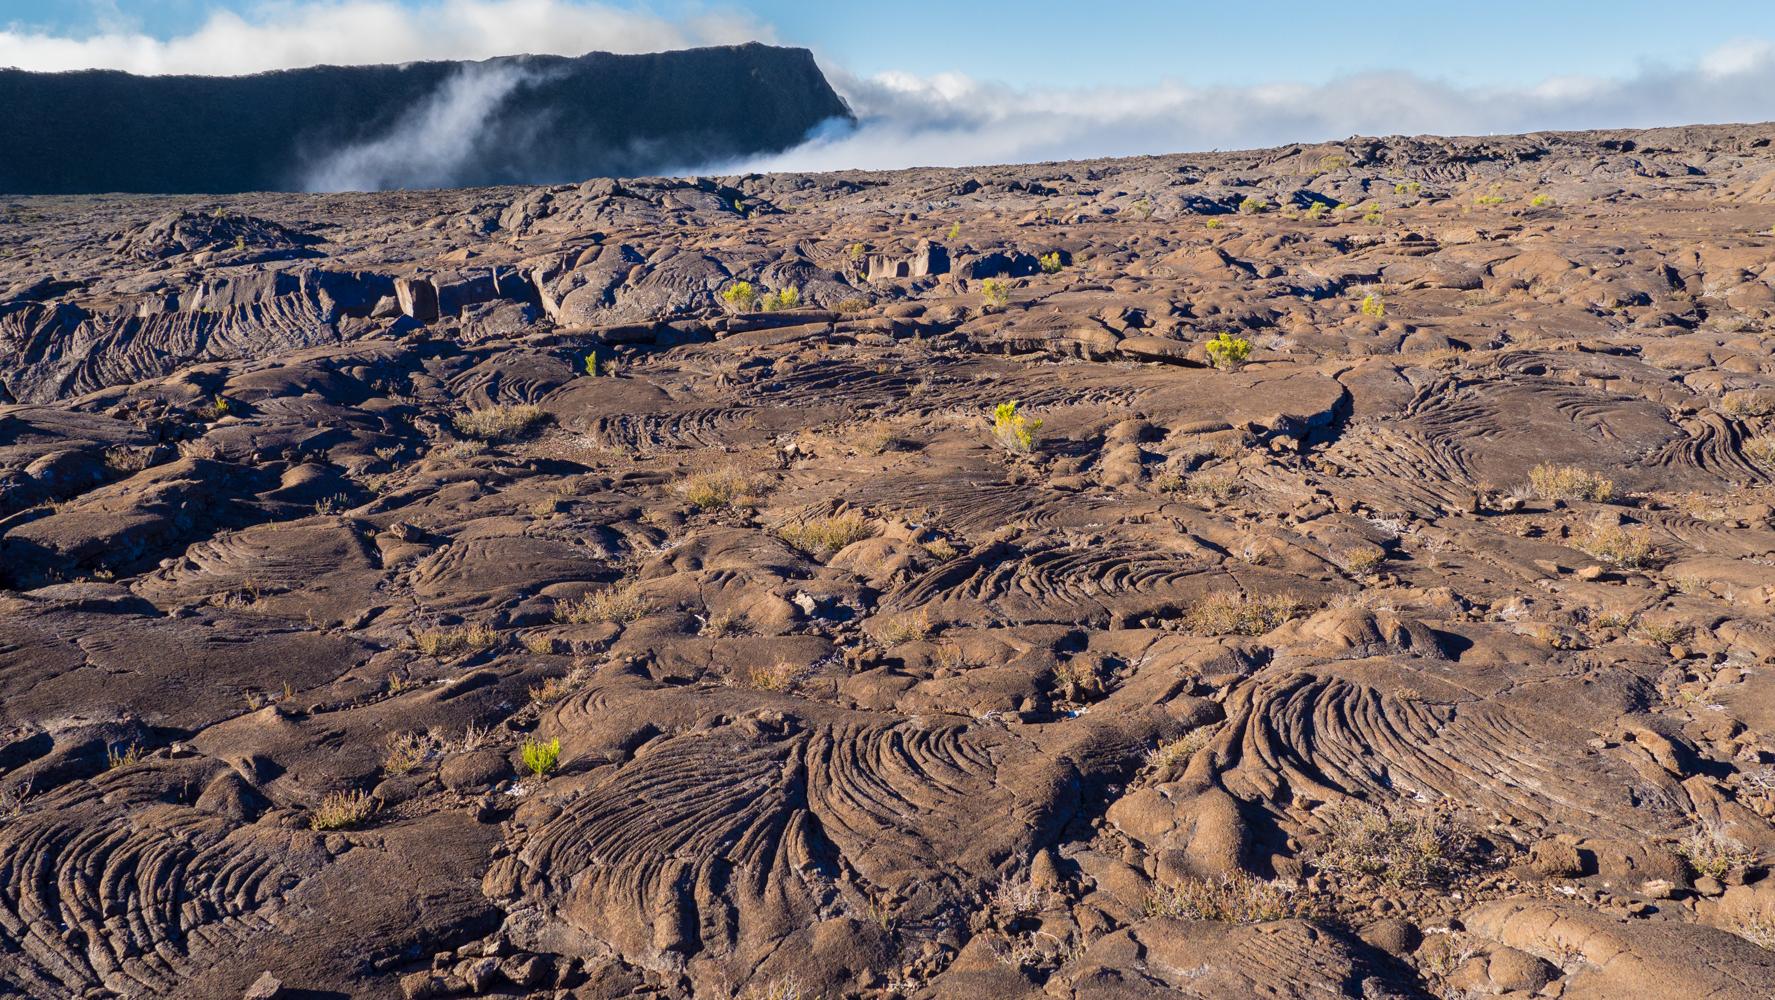 Lava fields  at Piton de la fournaise, Reunion